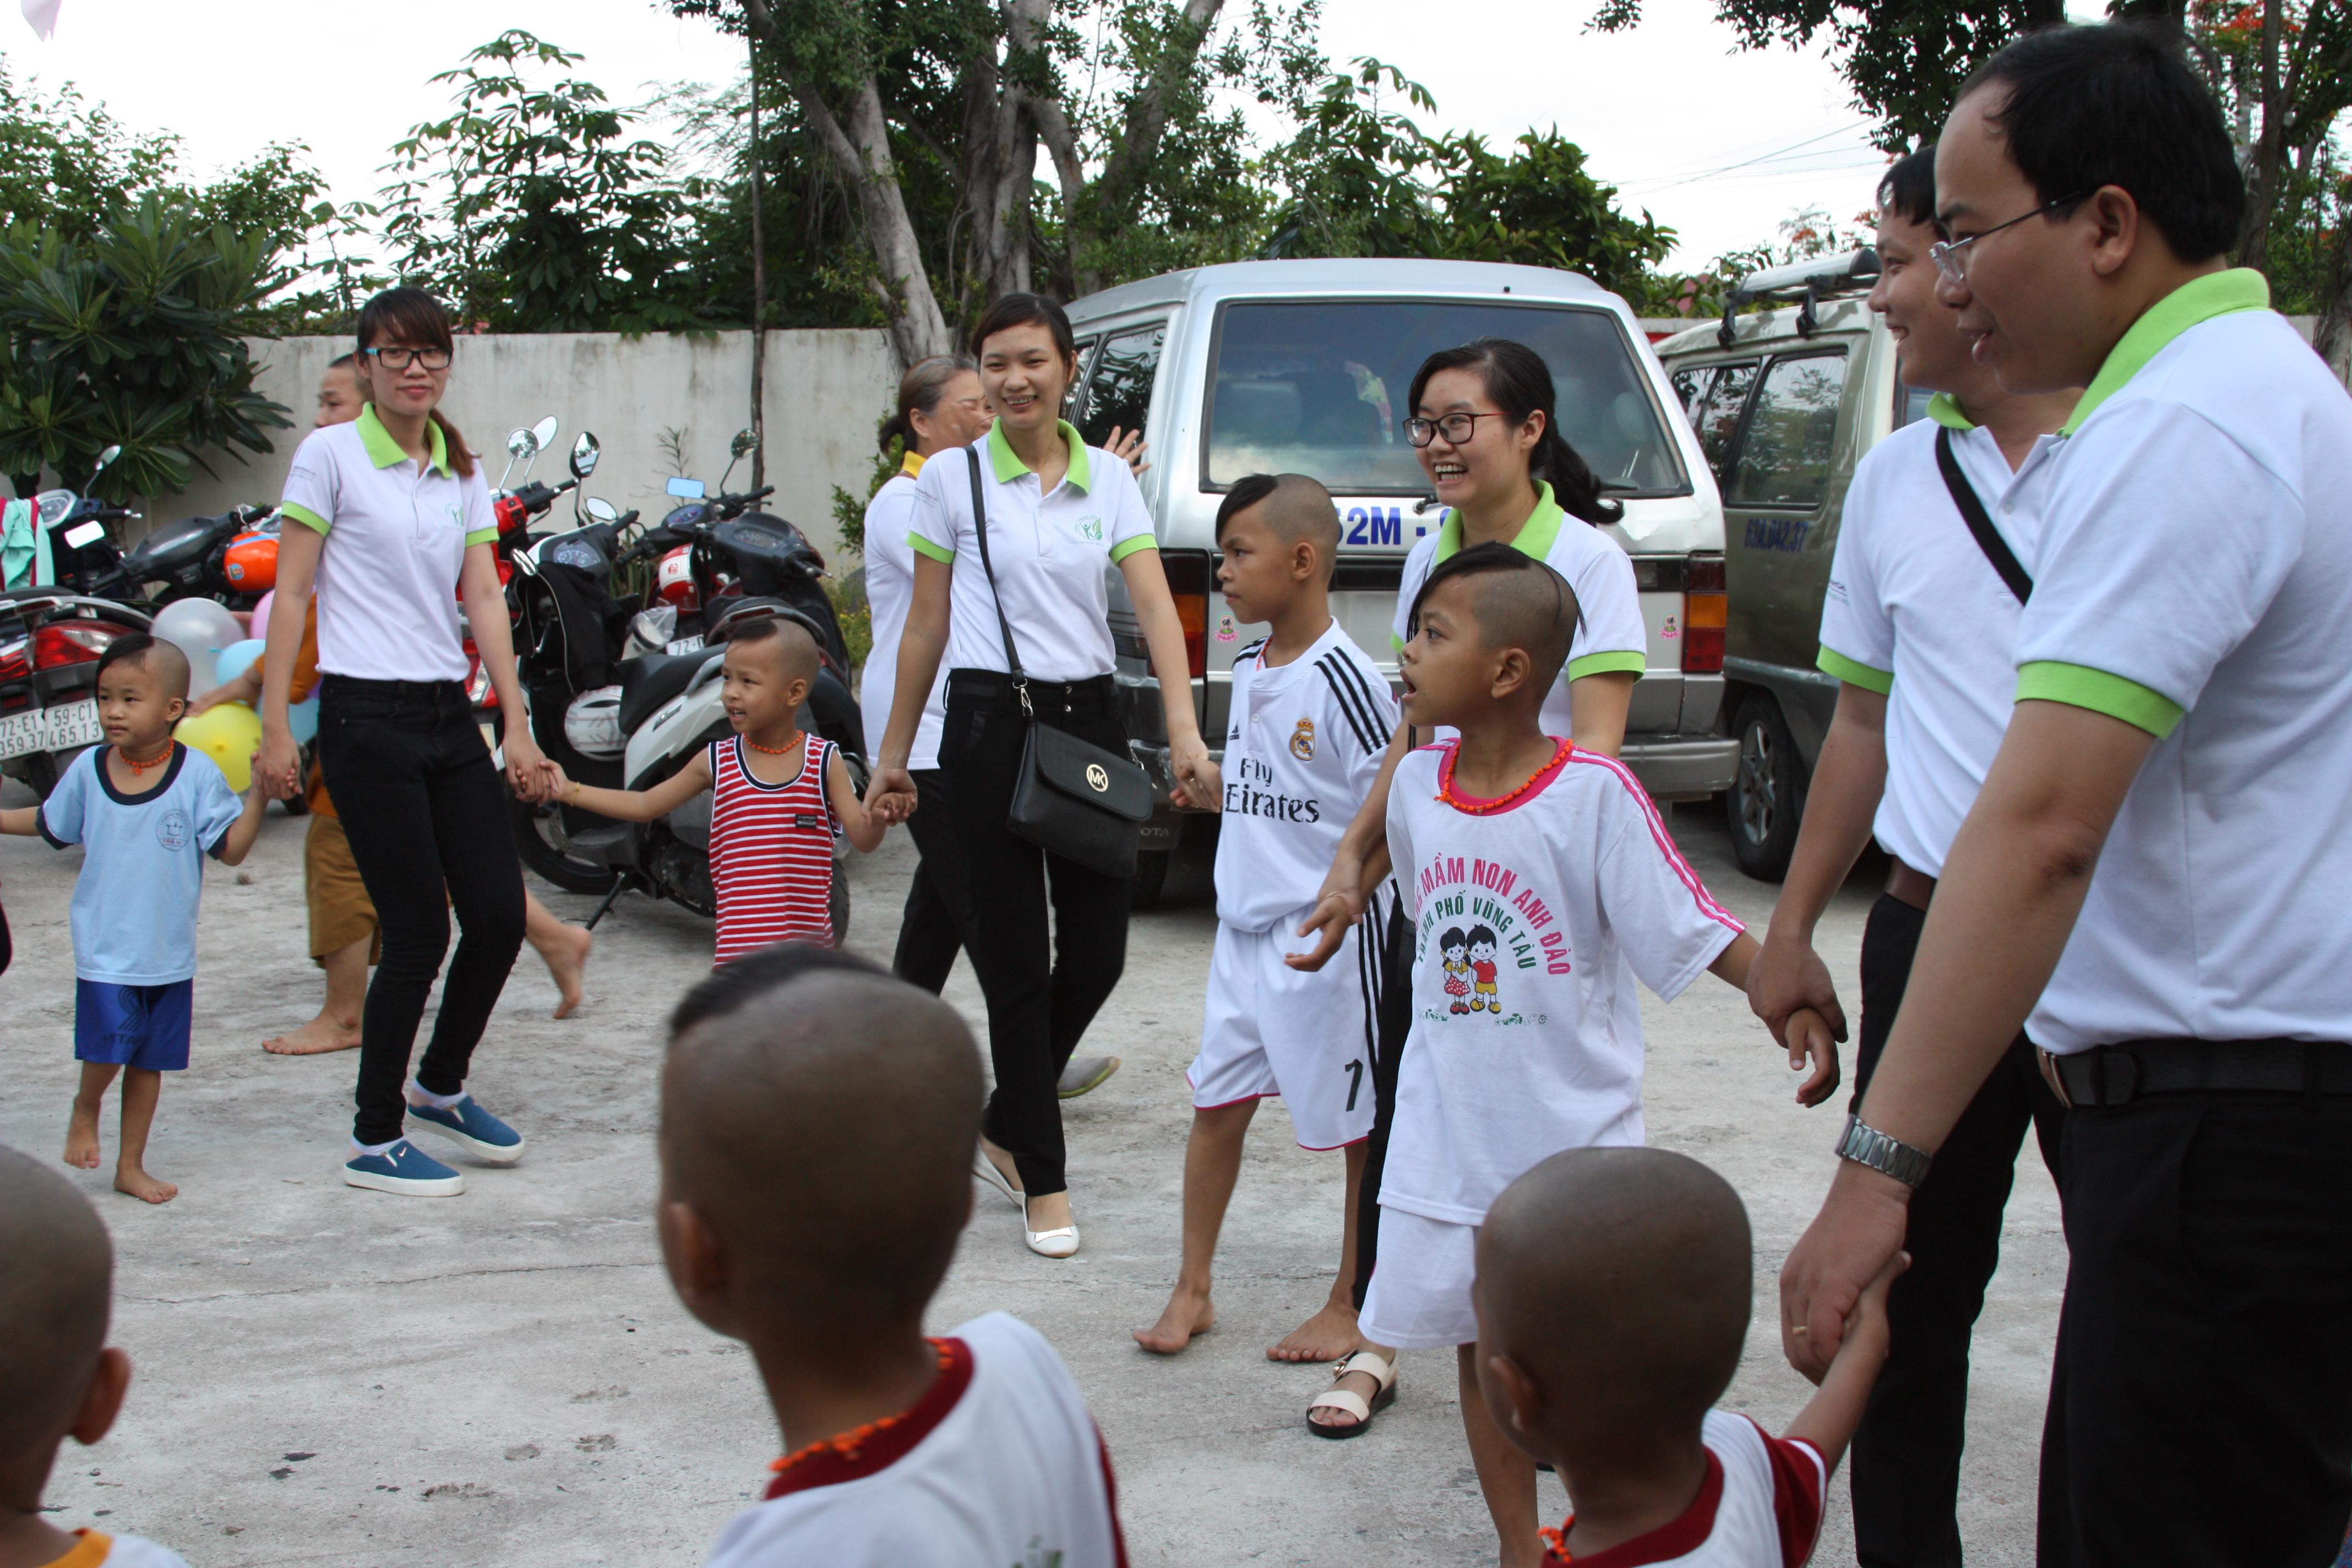 đông y thanh tuấn đi từ thiện 16